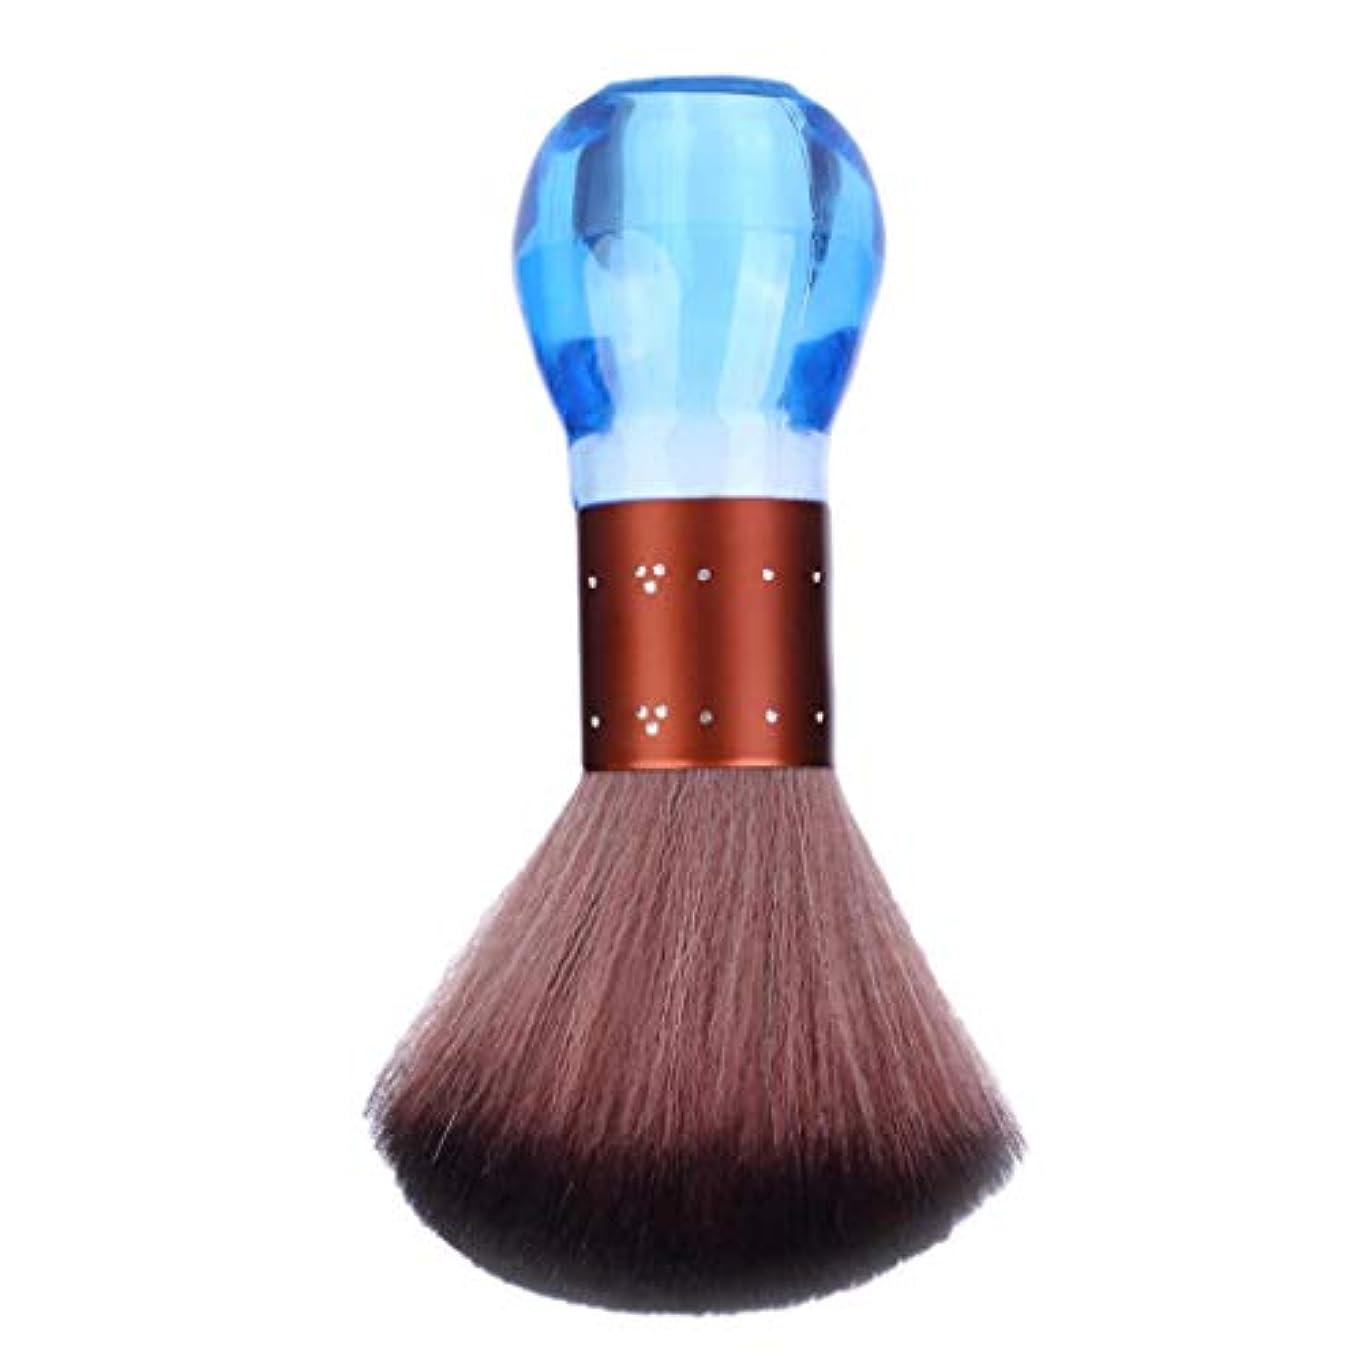 アイスクリームなるトンネルヘアカットブラシネックダスター洗浄理髪美容掃除ヘアブラシ